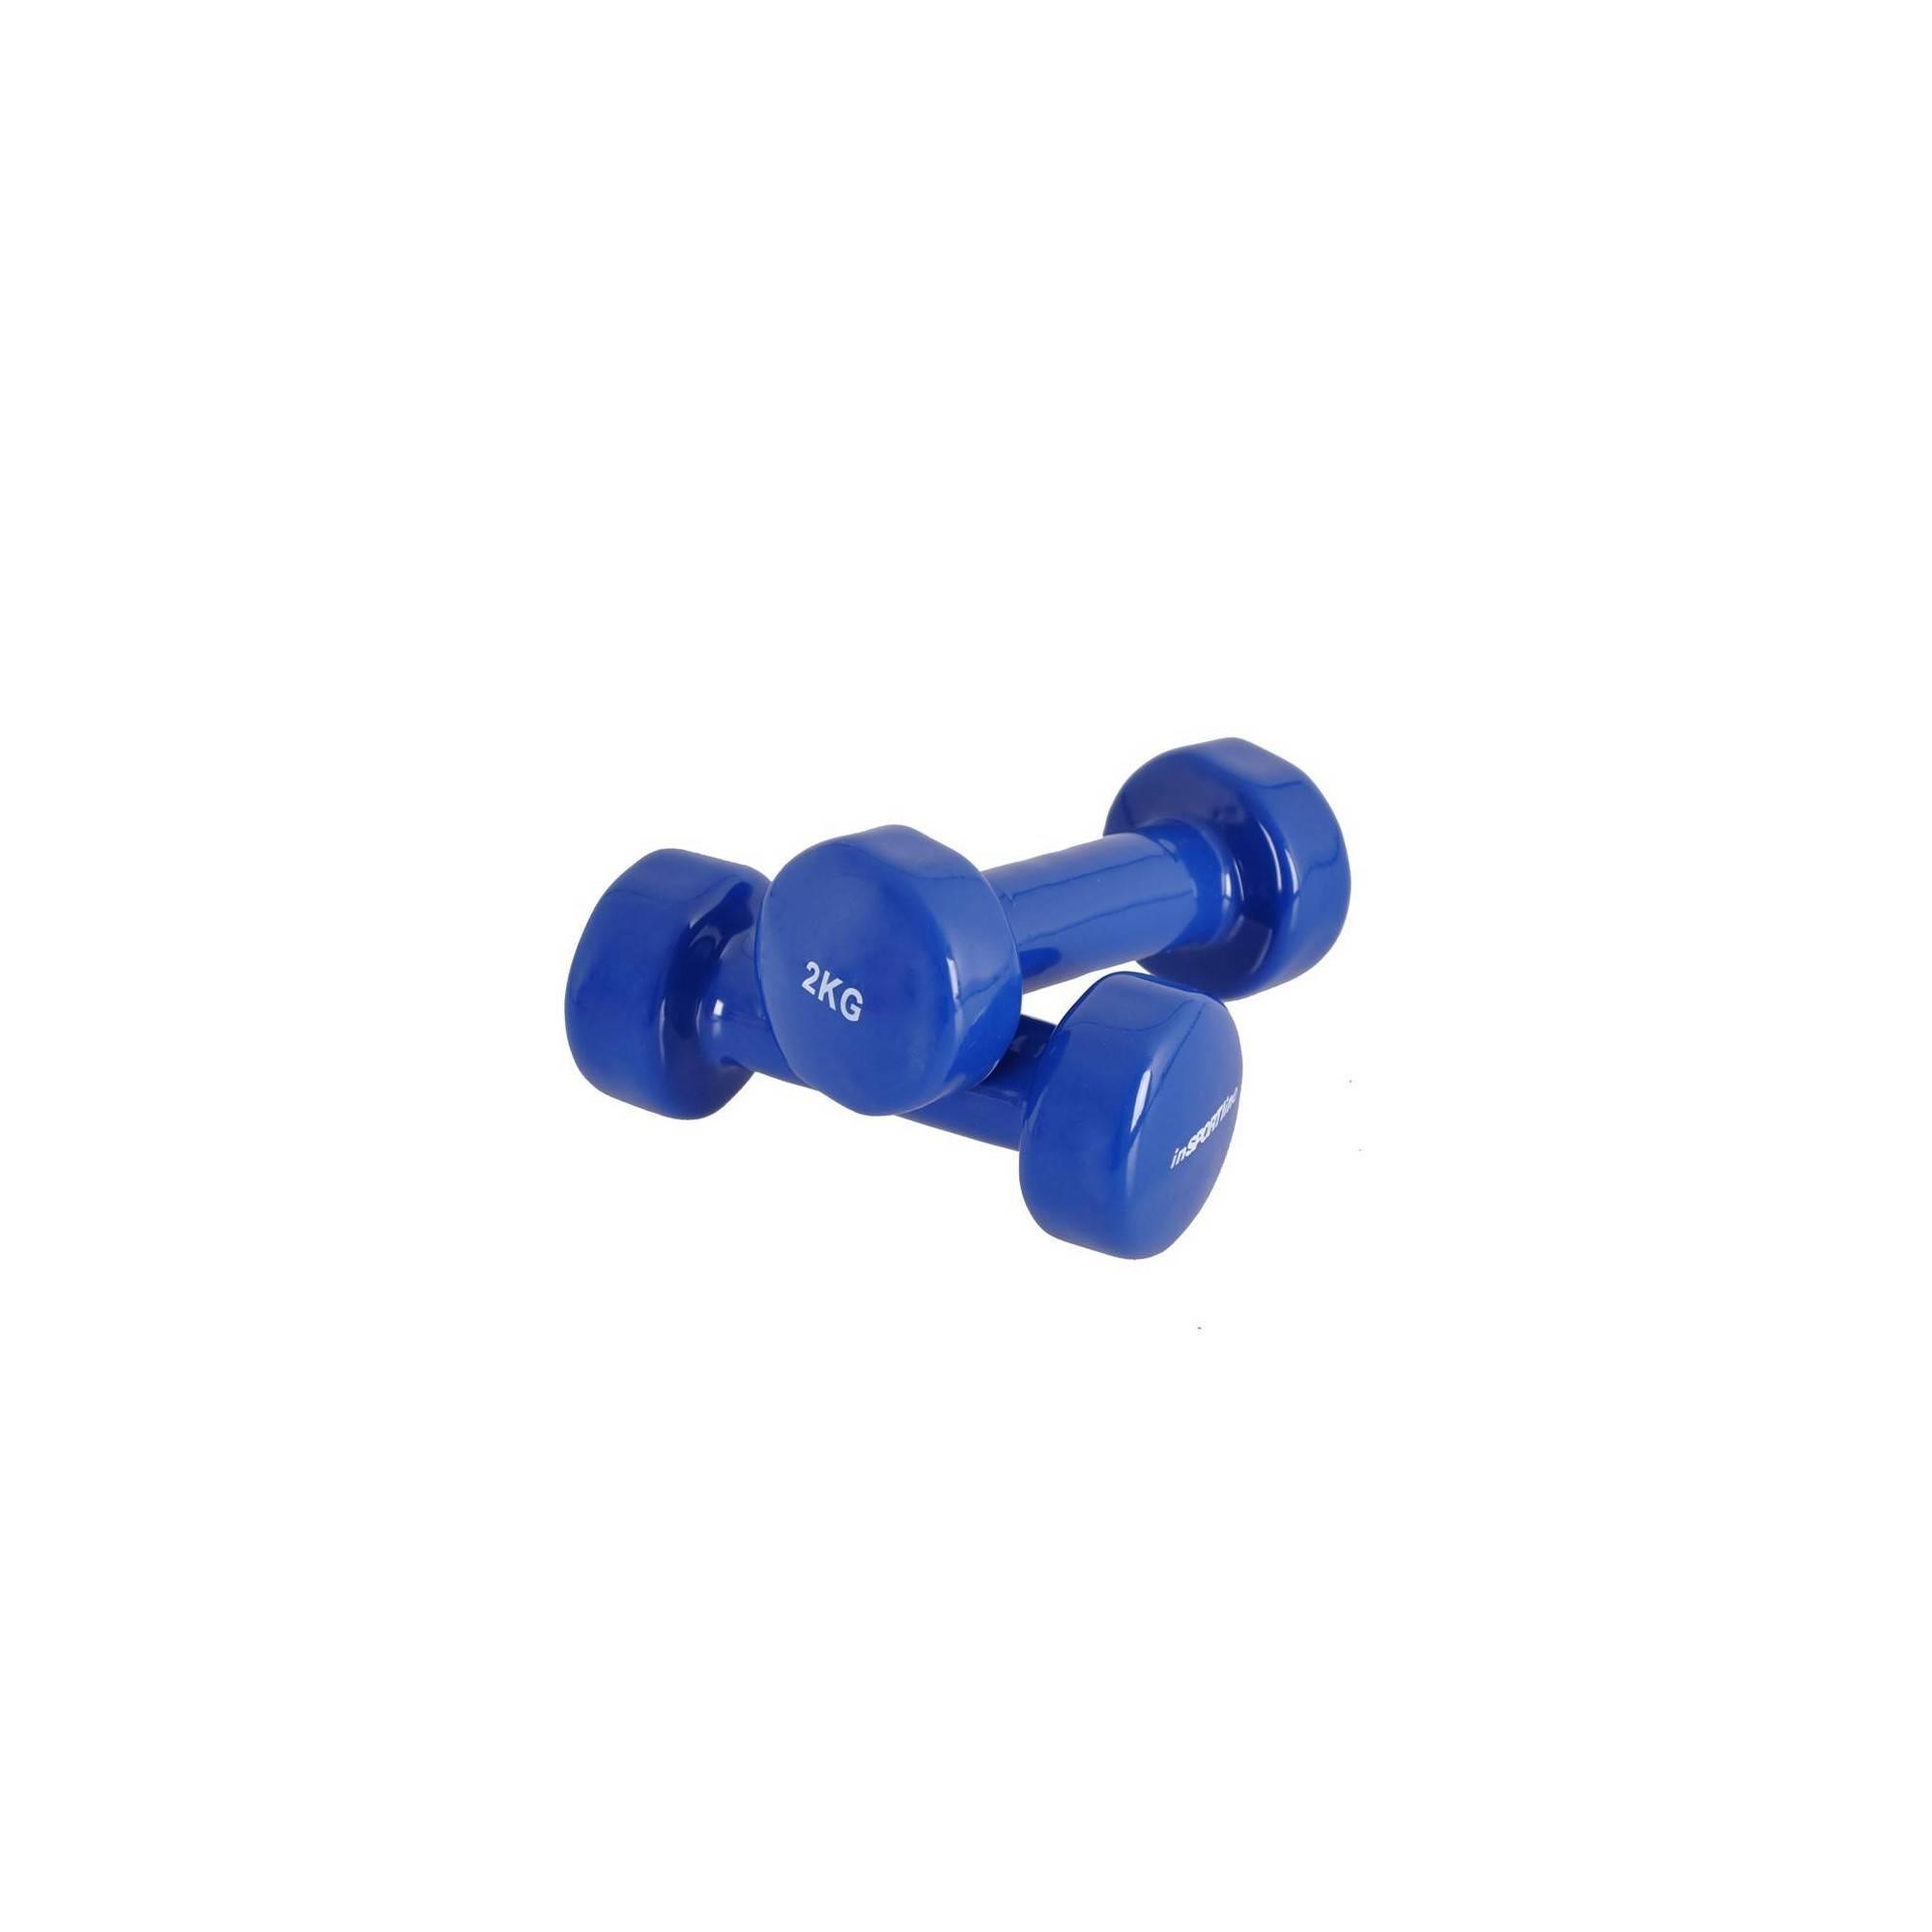 Zestaw hantli fitness INSPORTLINE z powłoką winylową 2x2kg niebieskie,producent: Insportline, zdjecie photo: 1 | online shop klu